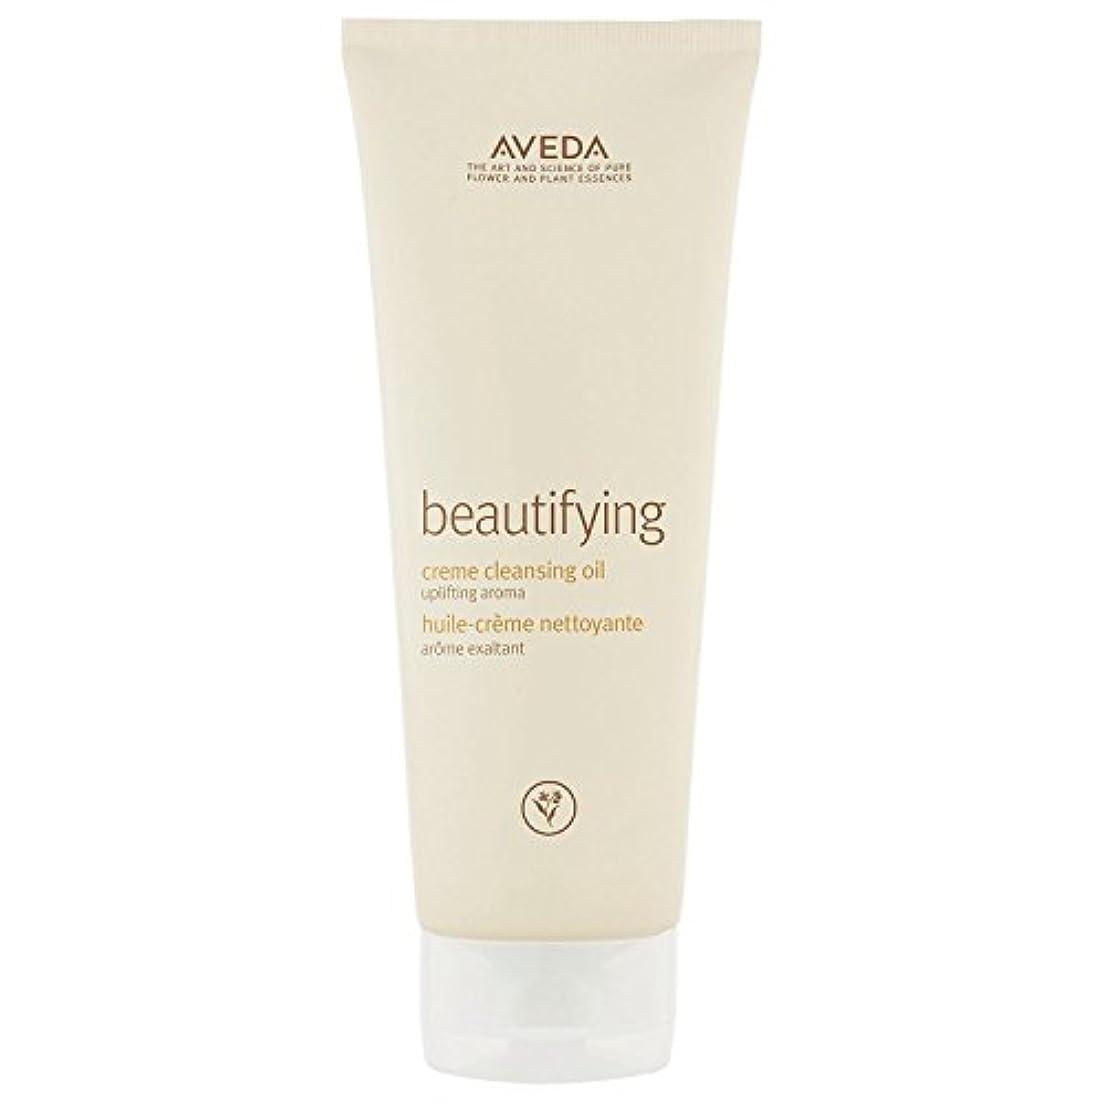 換気司書爆弾[AVEDA] アヴェダクリームボディクレンザーオイル200ミリリットルを美化 - Aveda Beautifying Cream Body Cleanser Oil 200ml [並行輸入品]